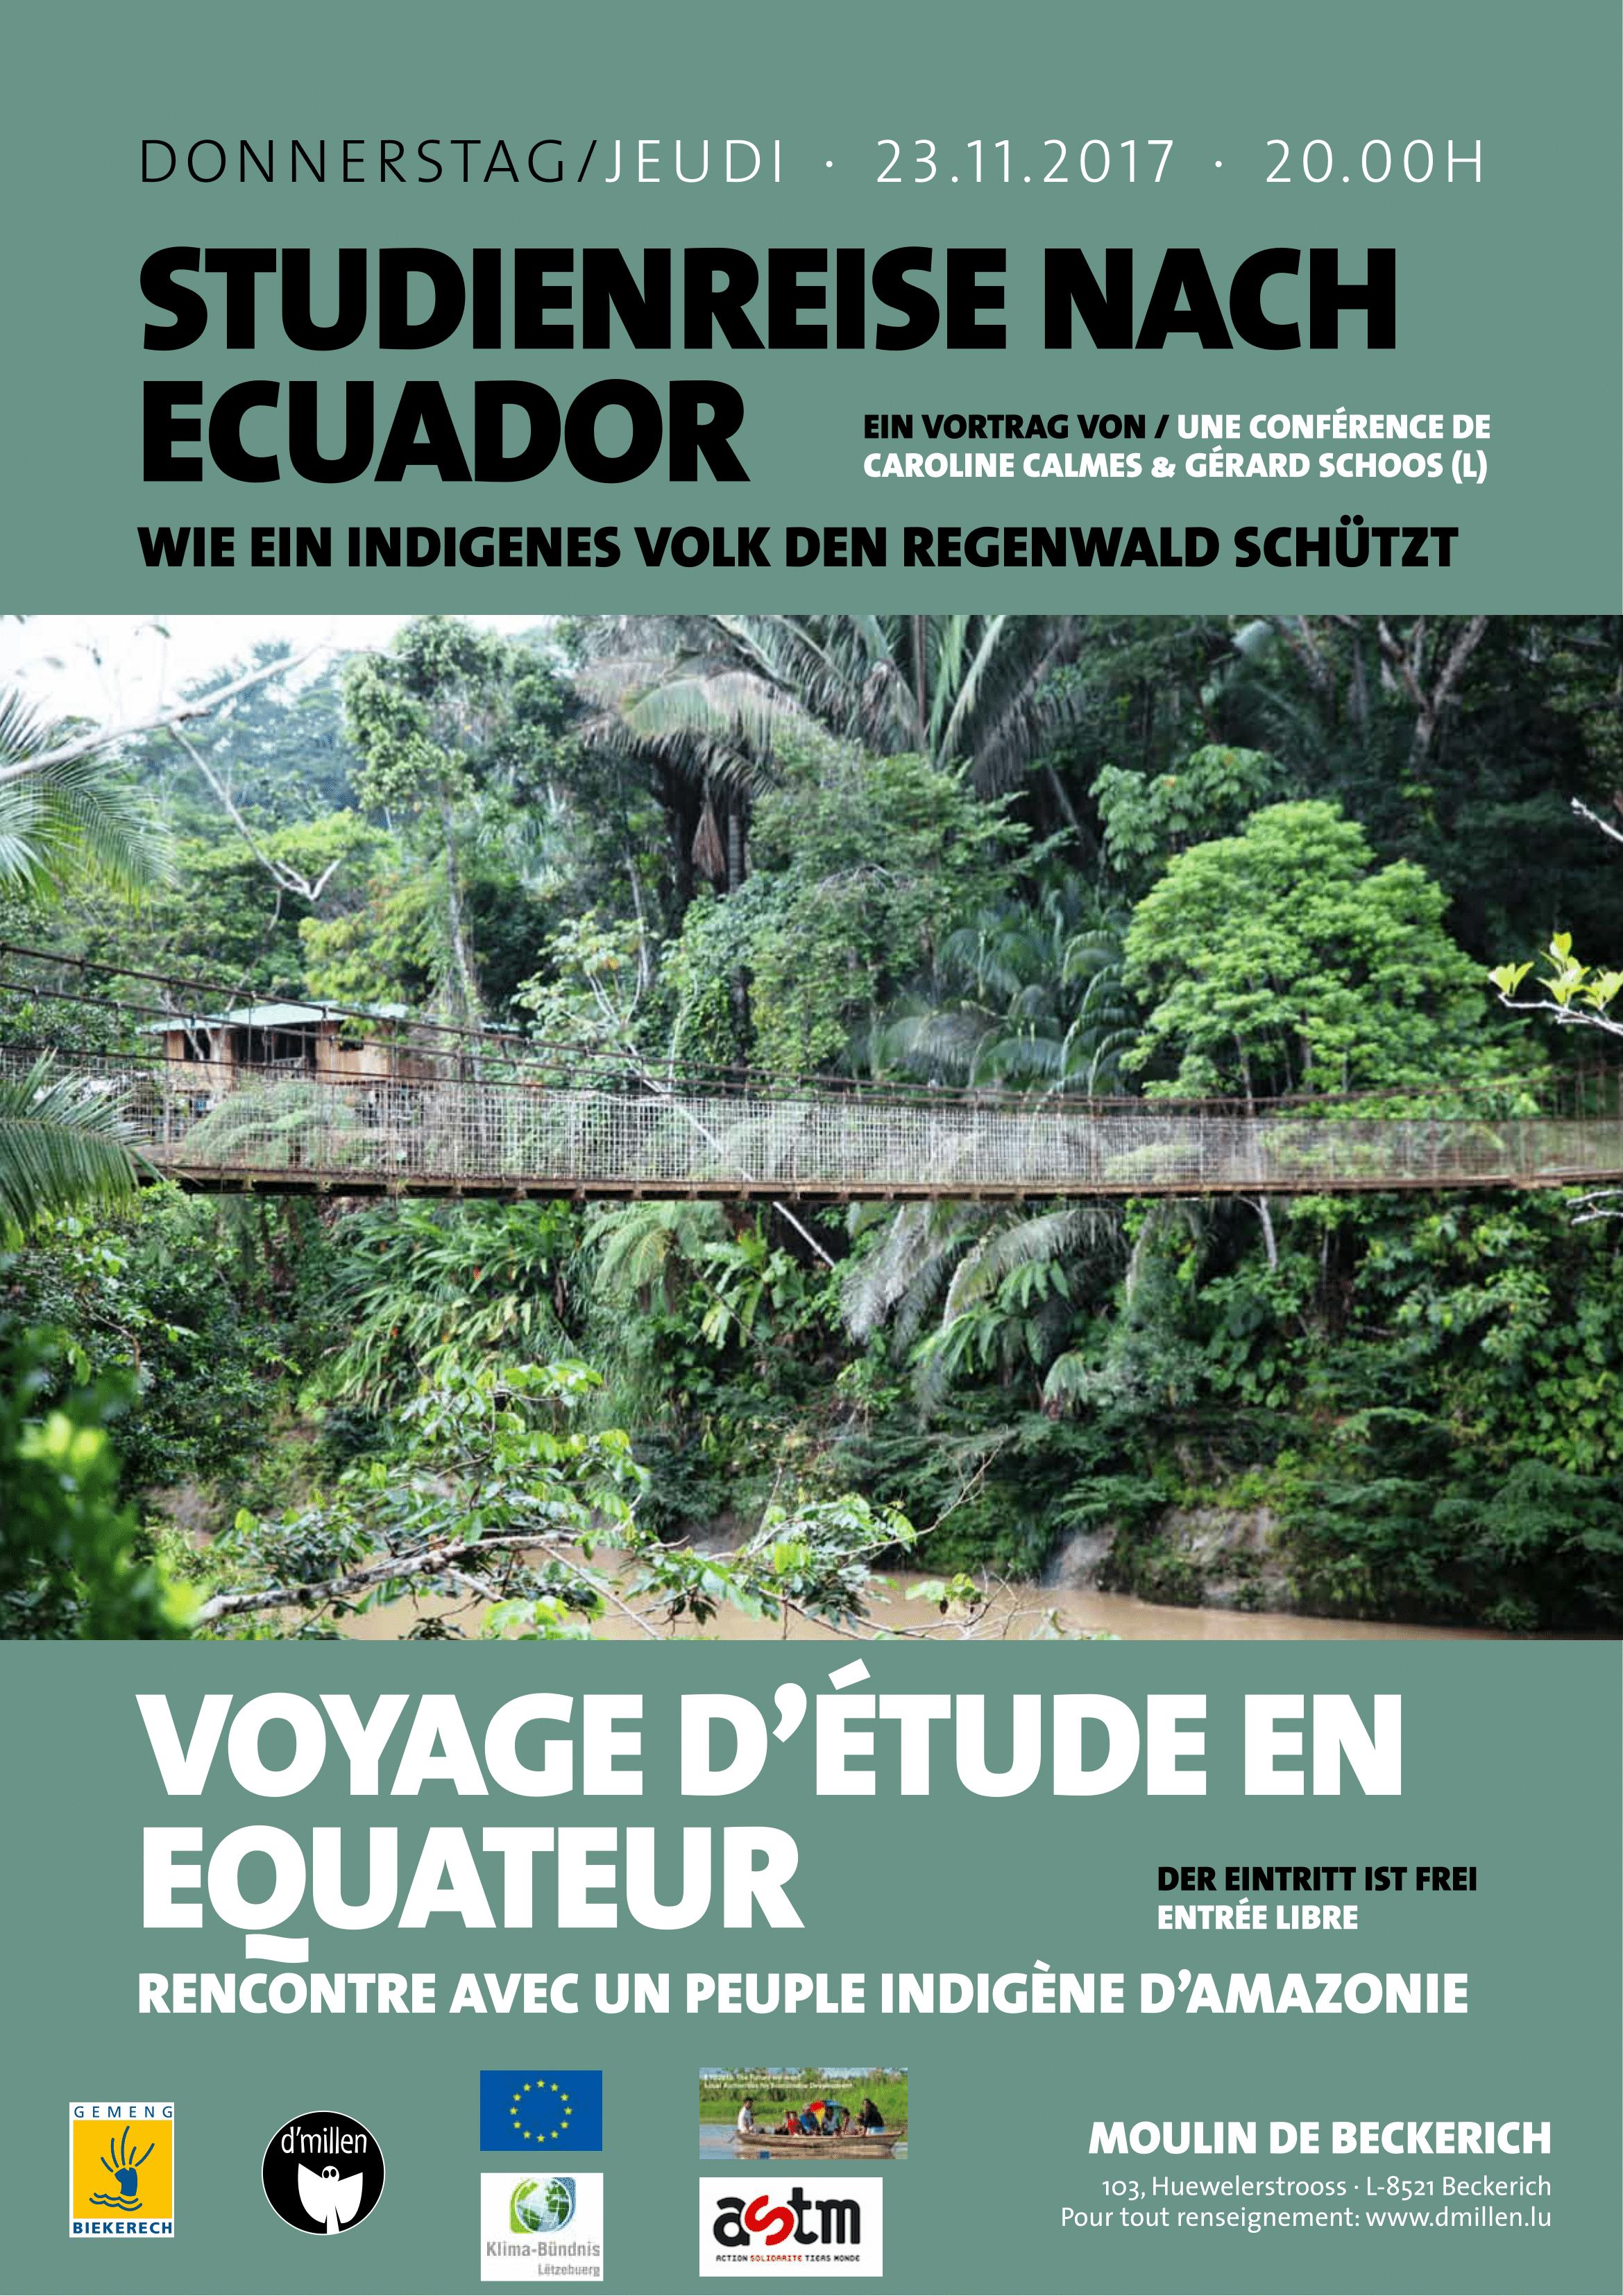 11-17 ecuador-aff-bd++-1.png